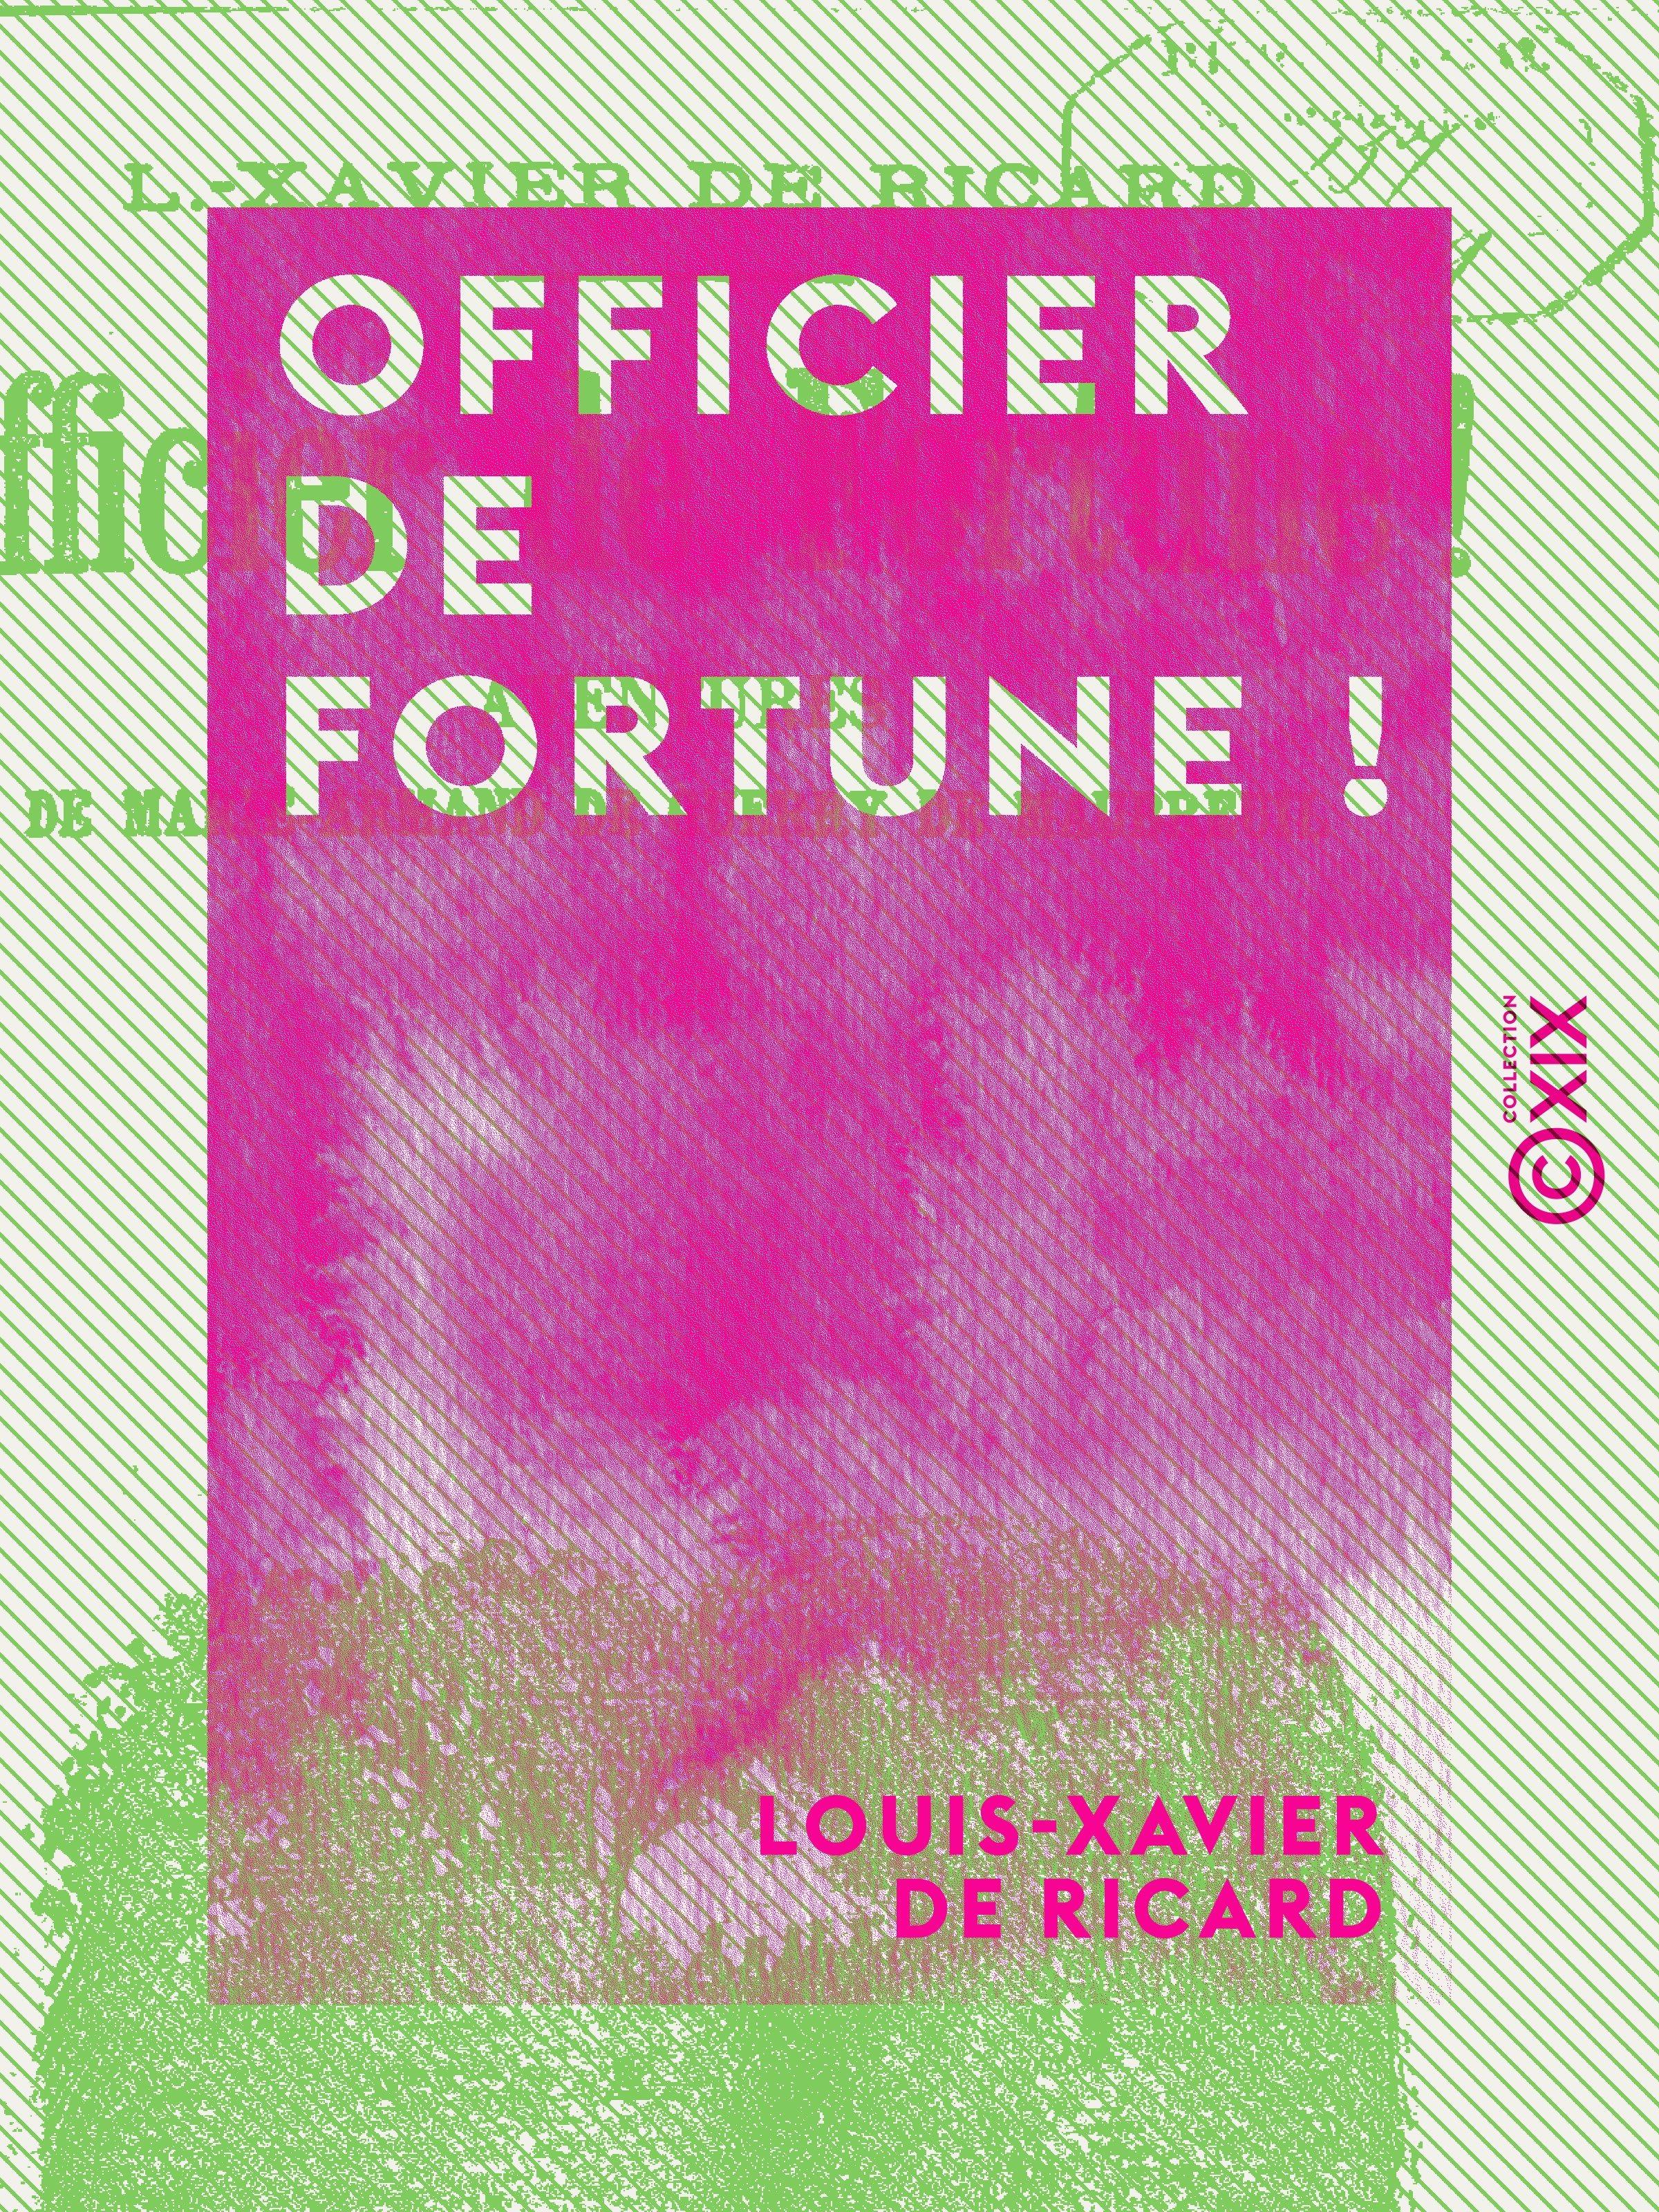 Officier de fortune !